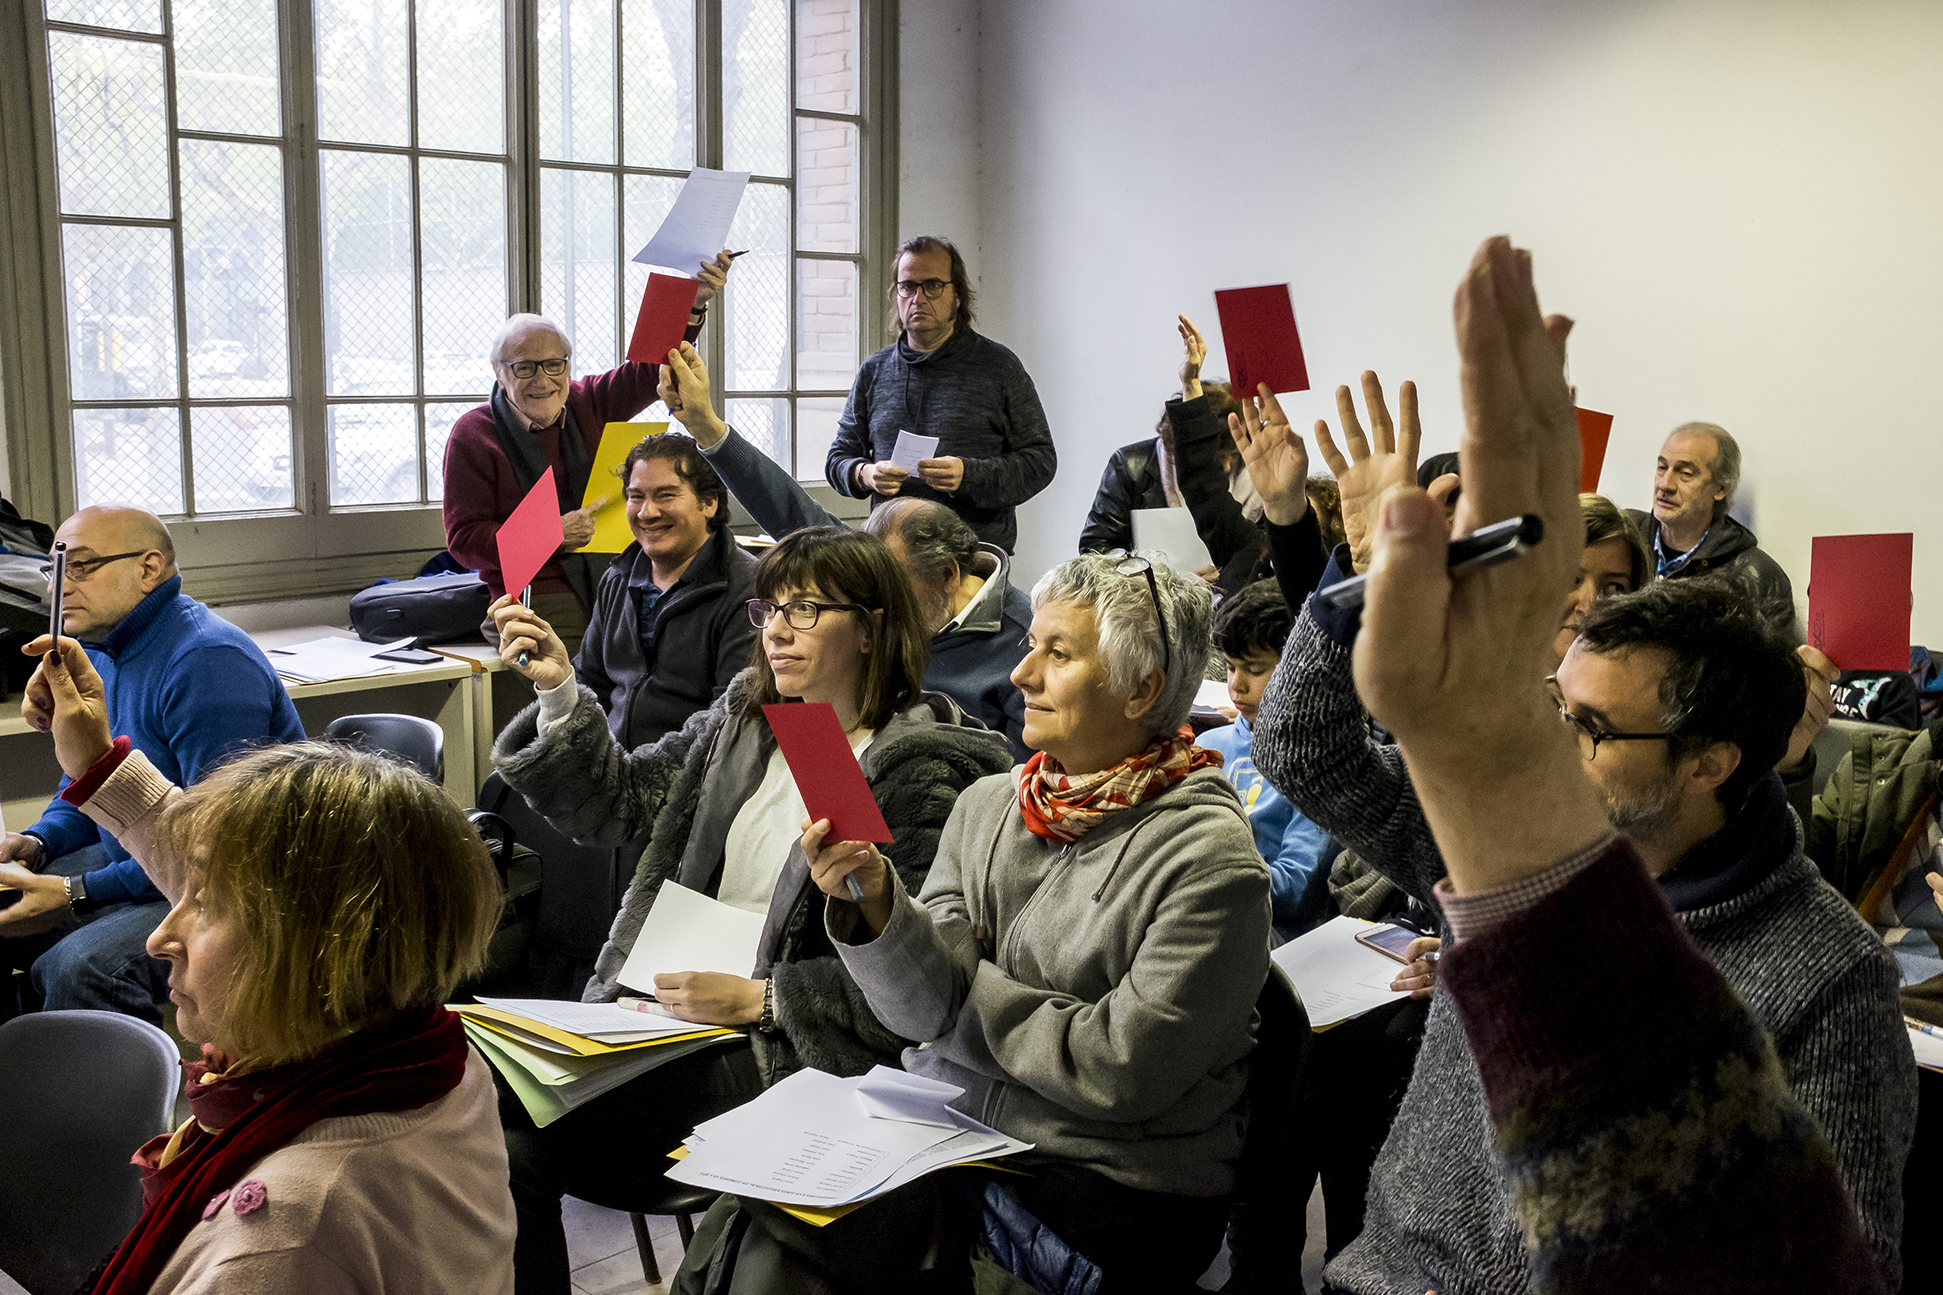 VIII Congrés SPC 2018 - Votacions 2 - Foto: Joan Puig - Sindicat de Periodistes de Catalunya - Sindicat de Professionals de la Comunicació